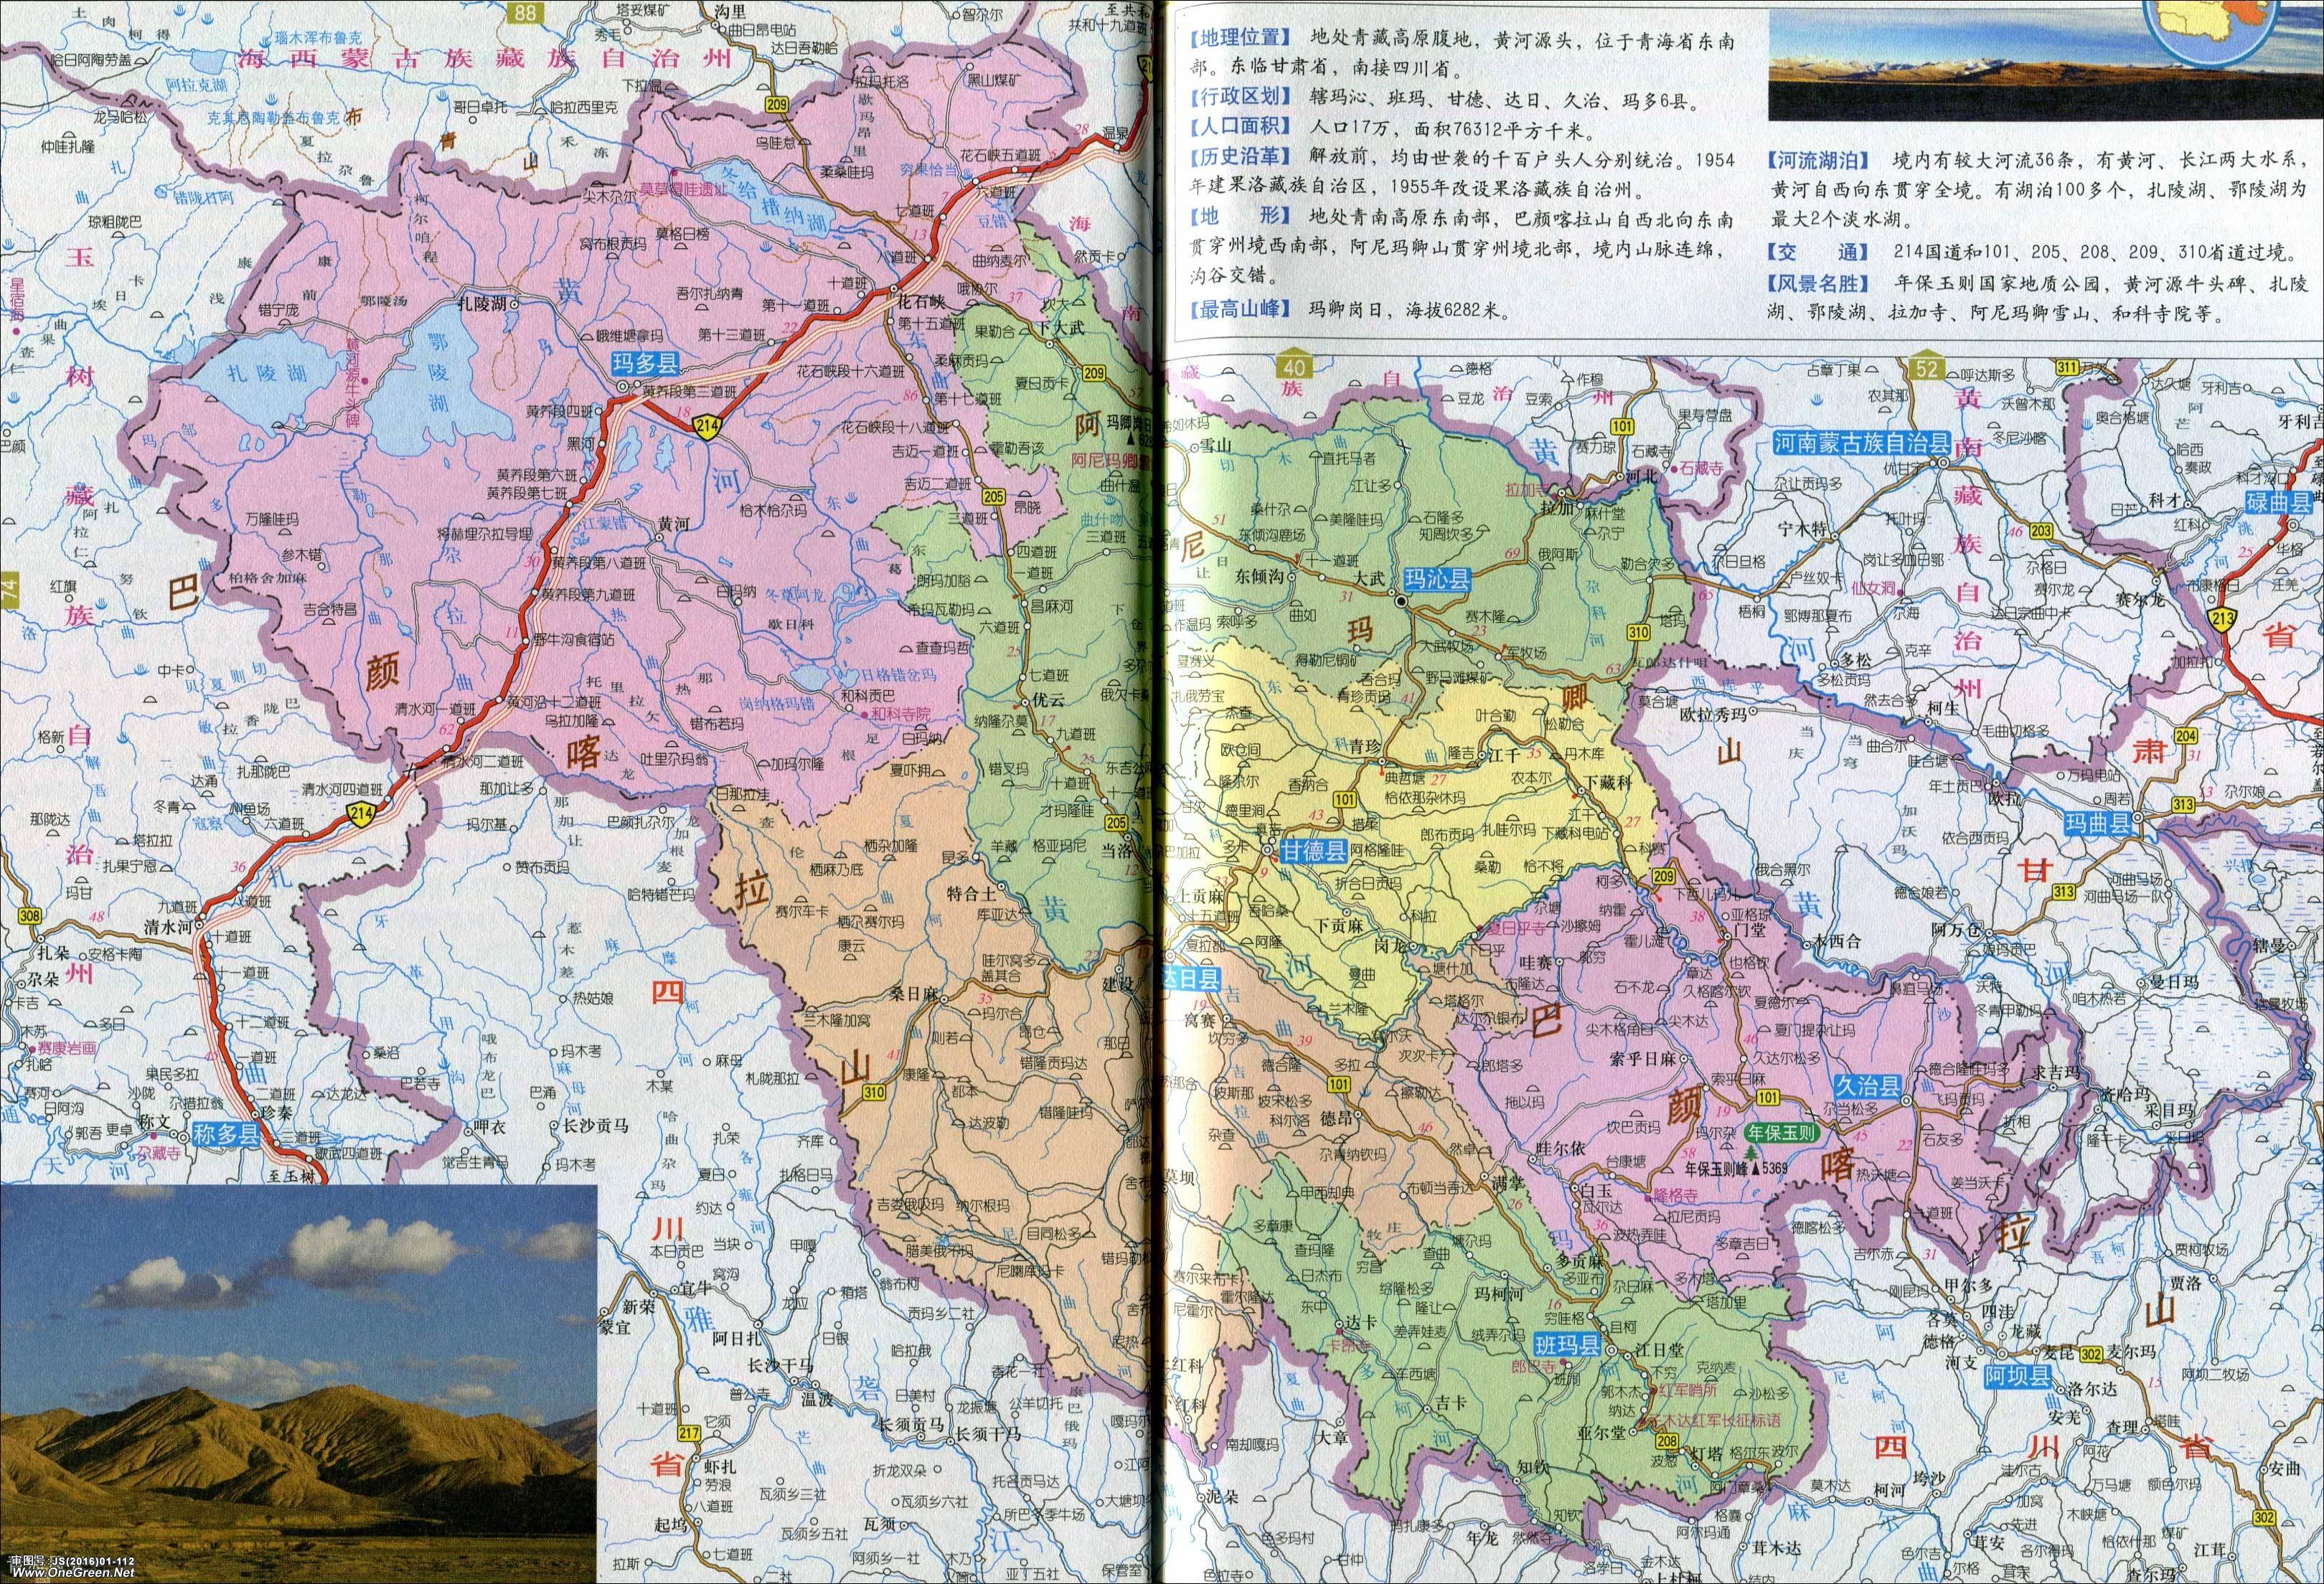 地图库 中国地图 青海 果洛 >> 果洛藏族自治州地图    世界各国